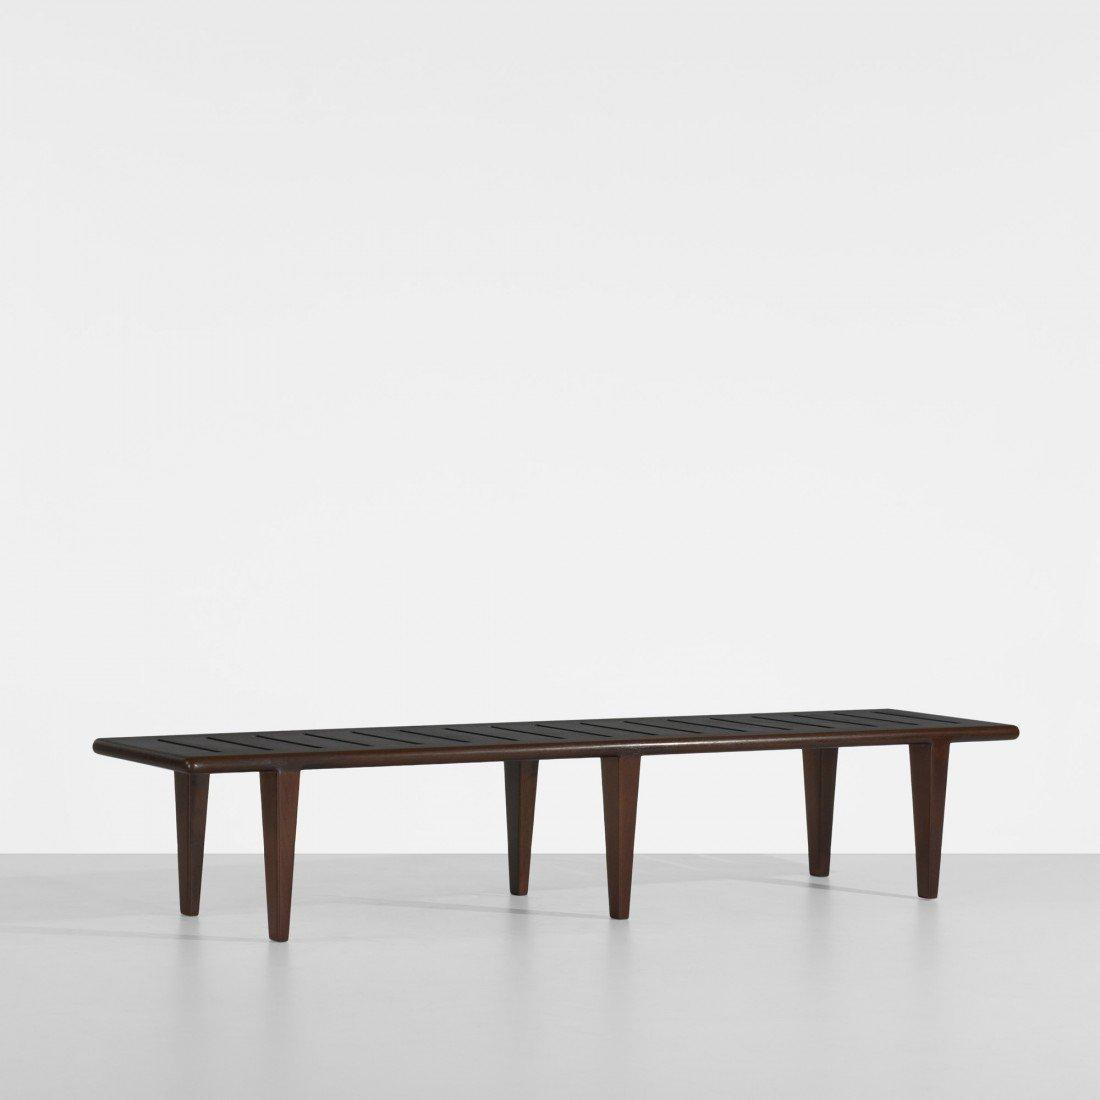 118: Hans Wegner bench